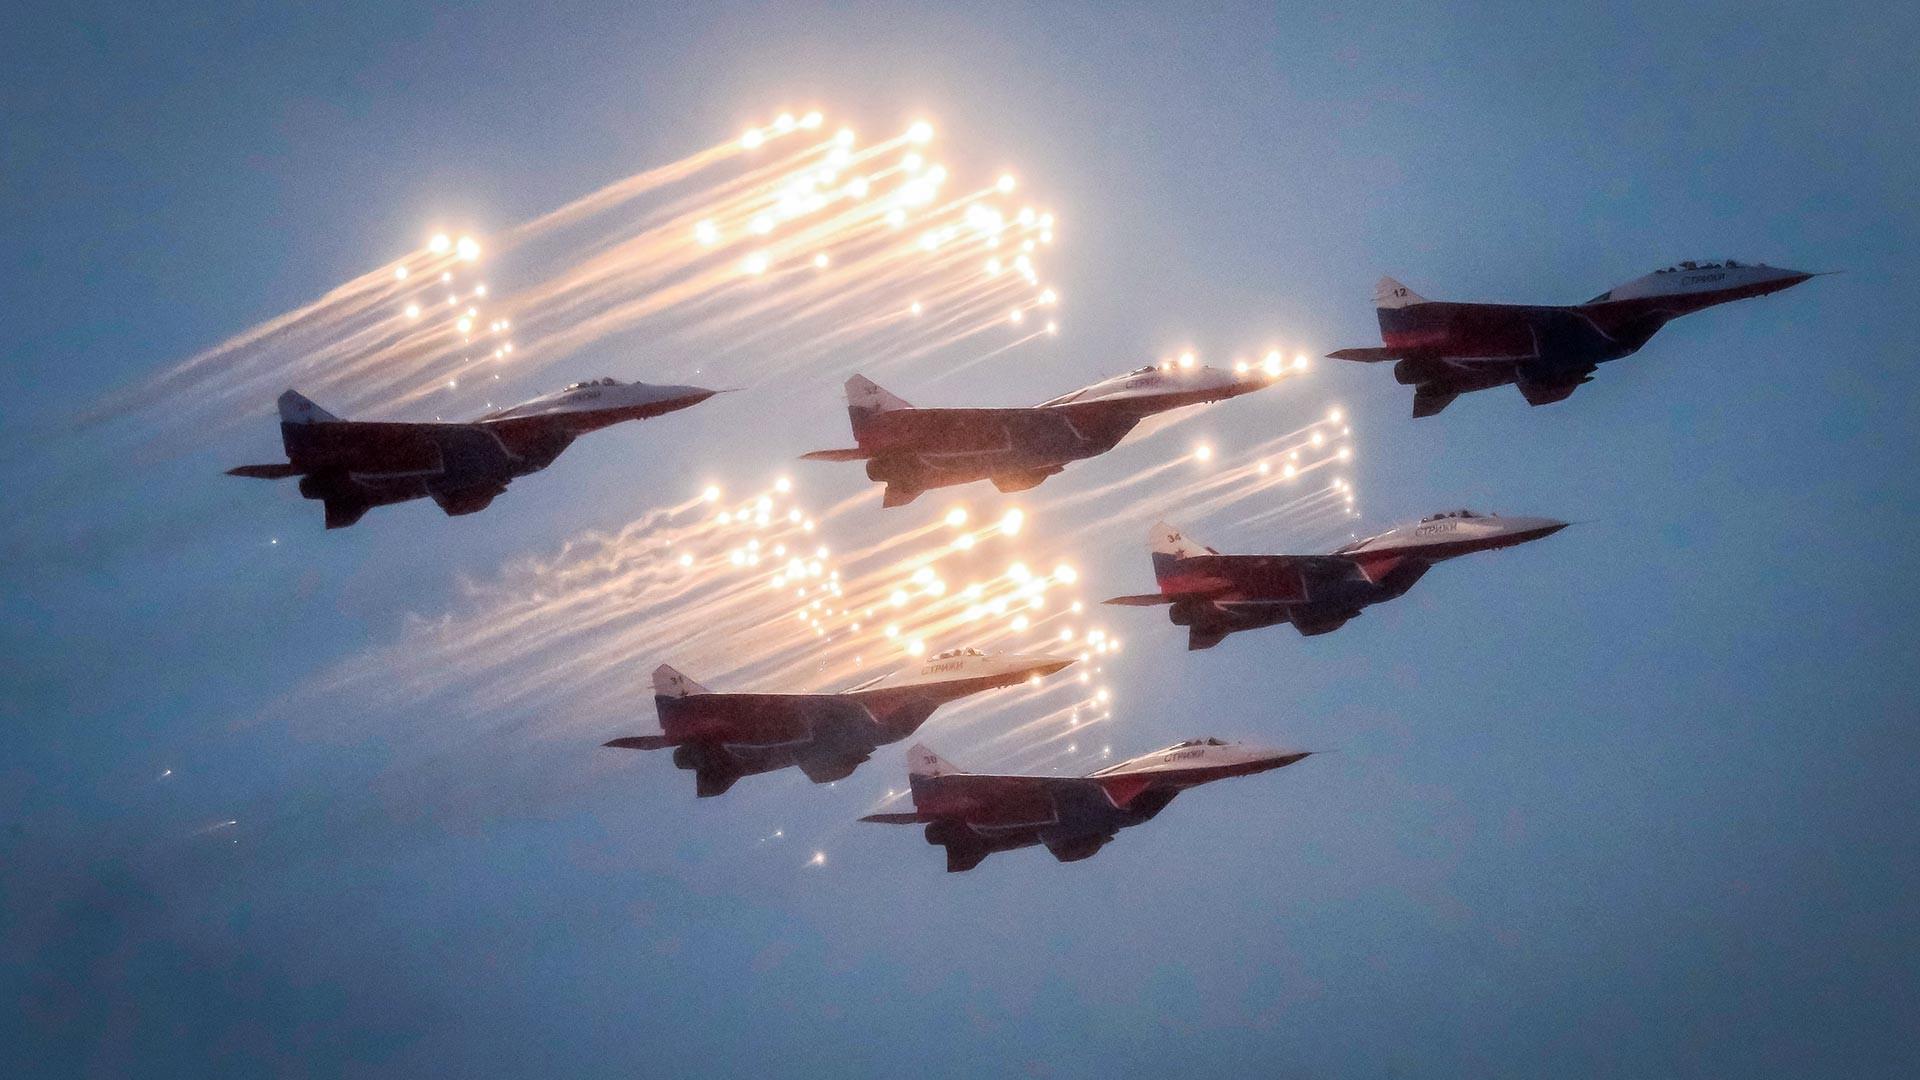 L'équipe de voltige russe Striji pendant le défilé en l'honneur du 75e anniversaire du siège de Leningrad